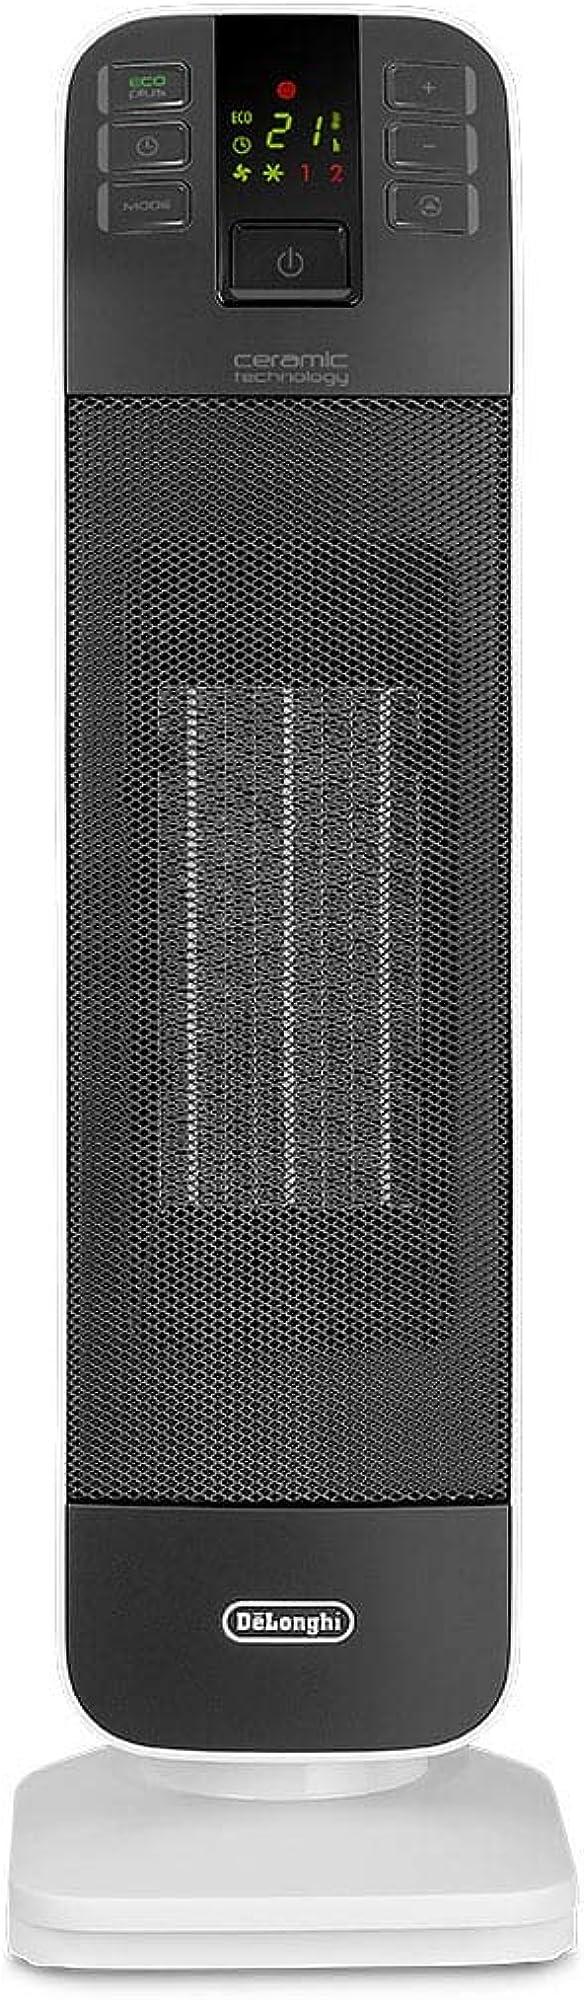 De longhi termoventilatore ceramico a torre HFX65V20